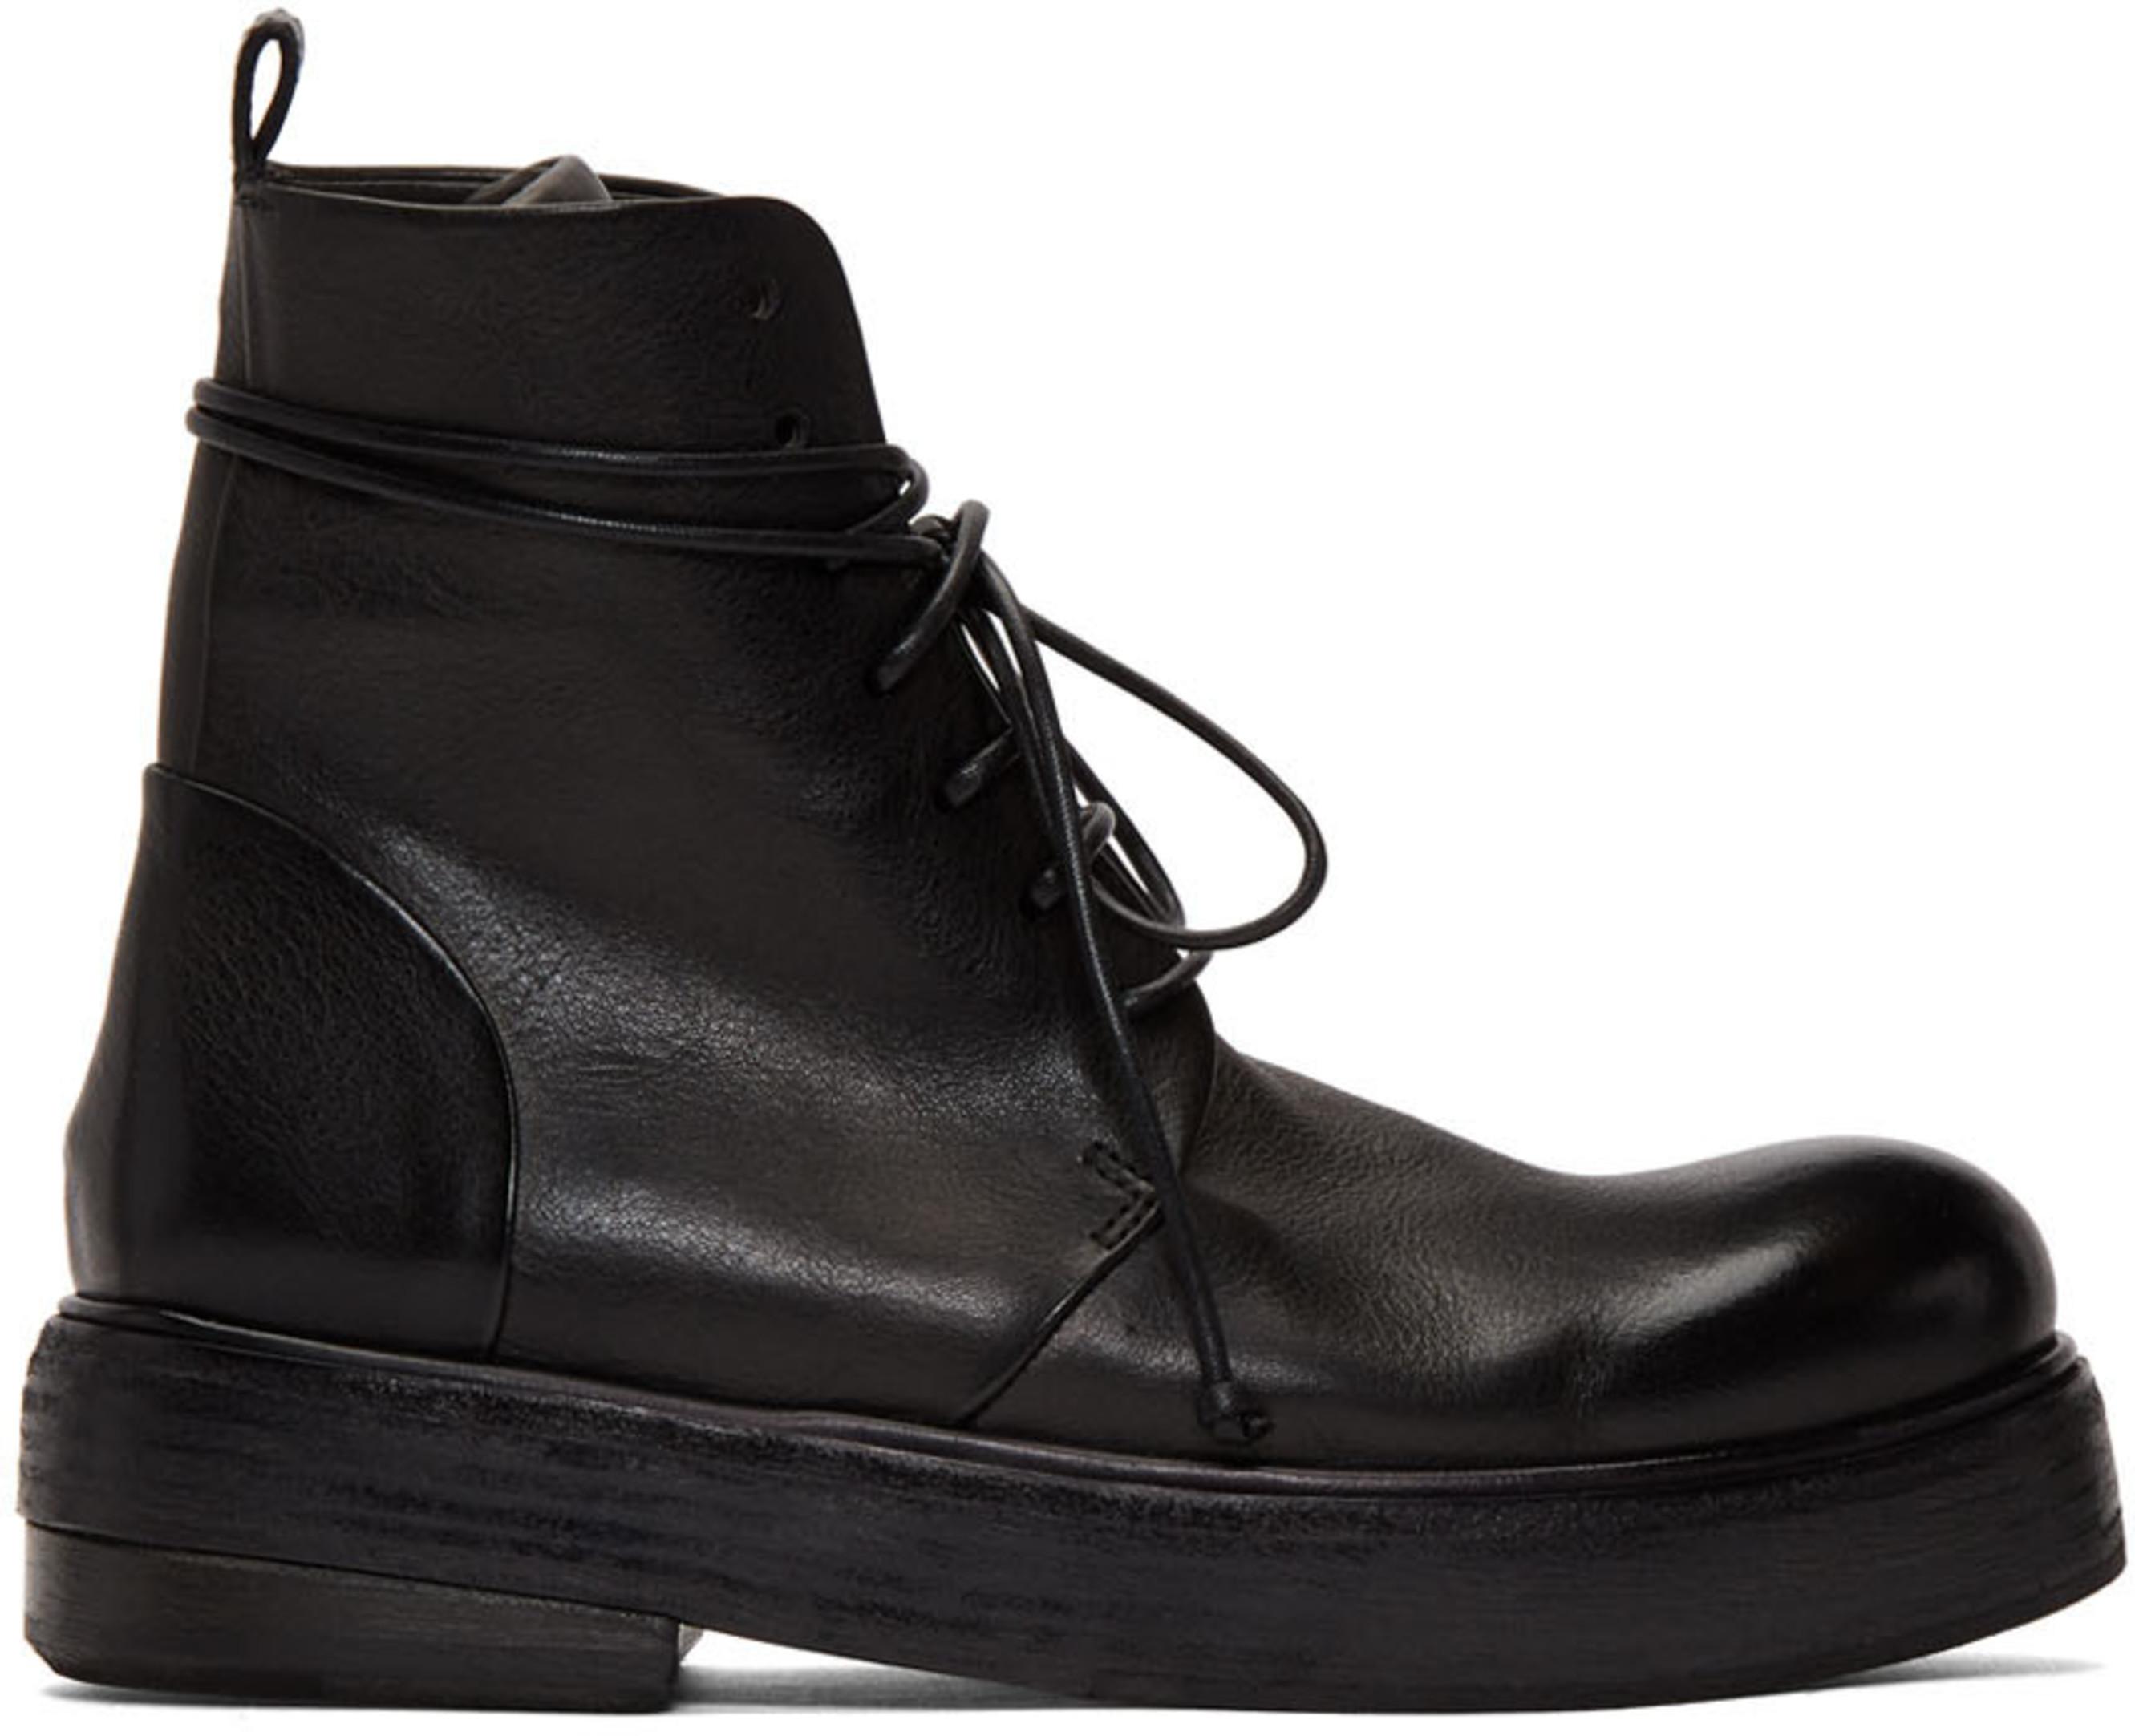 f4ac7f80e0c0 Designer shoes for Women